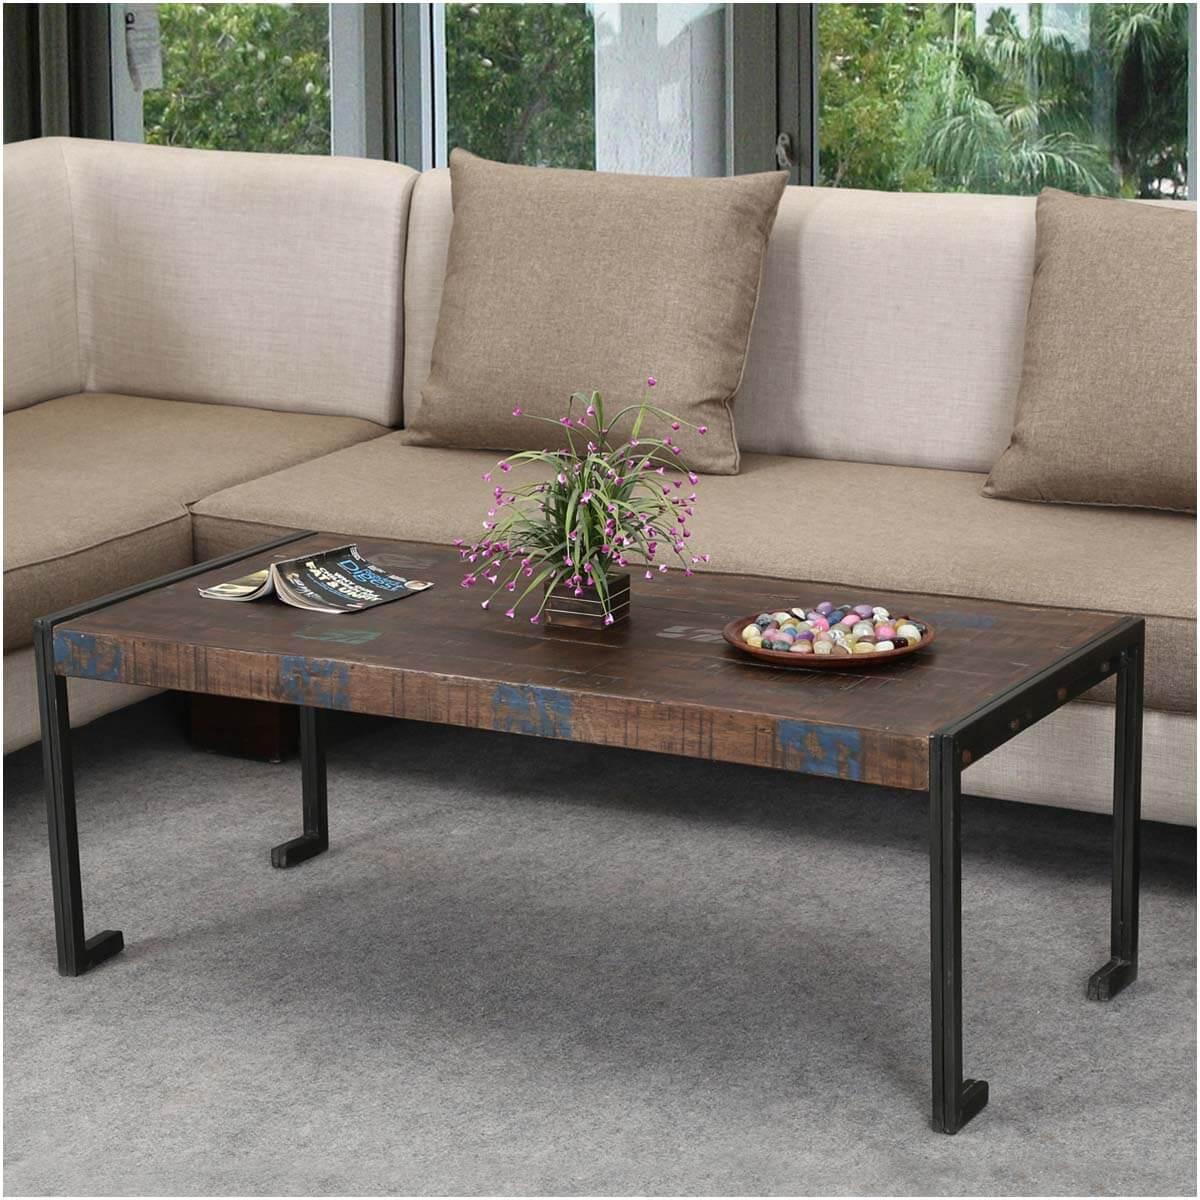 Philadelphia Reclaimed Wood Industrial Metal Frame Rustic Coffee Table - Reclaimed Wood Industrial Metal Frame Rustic Coffee Table